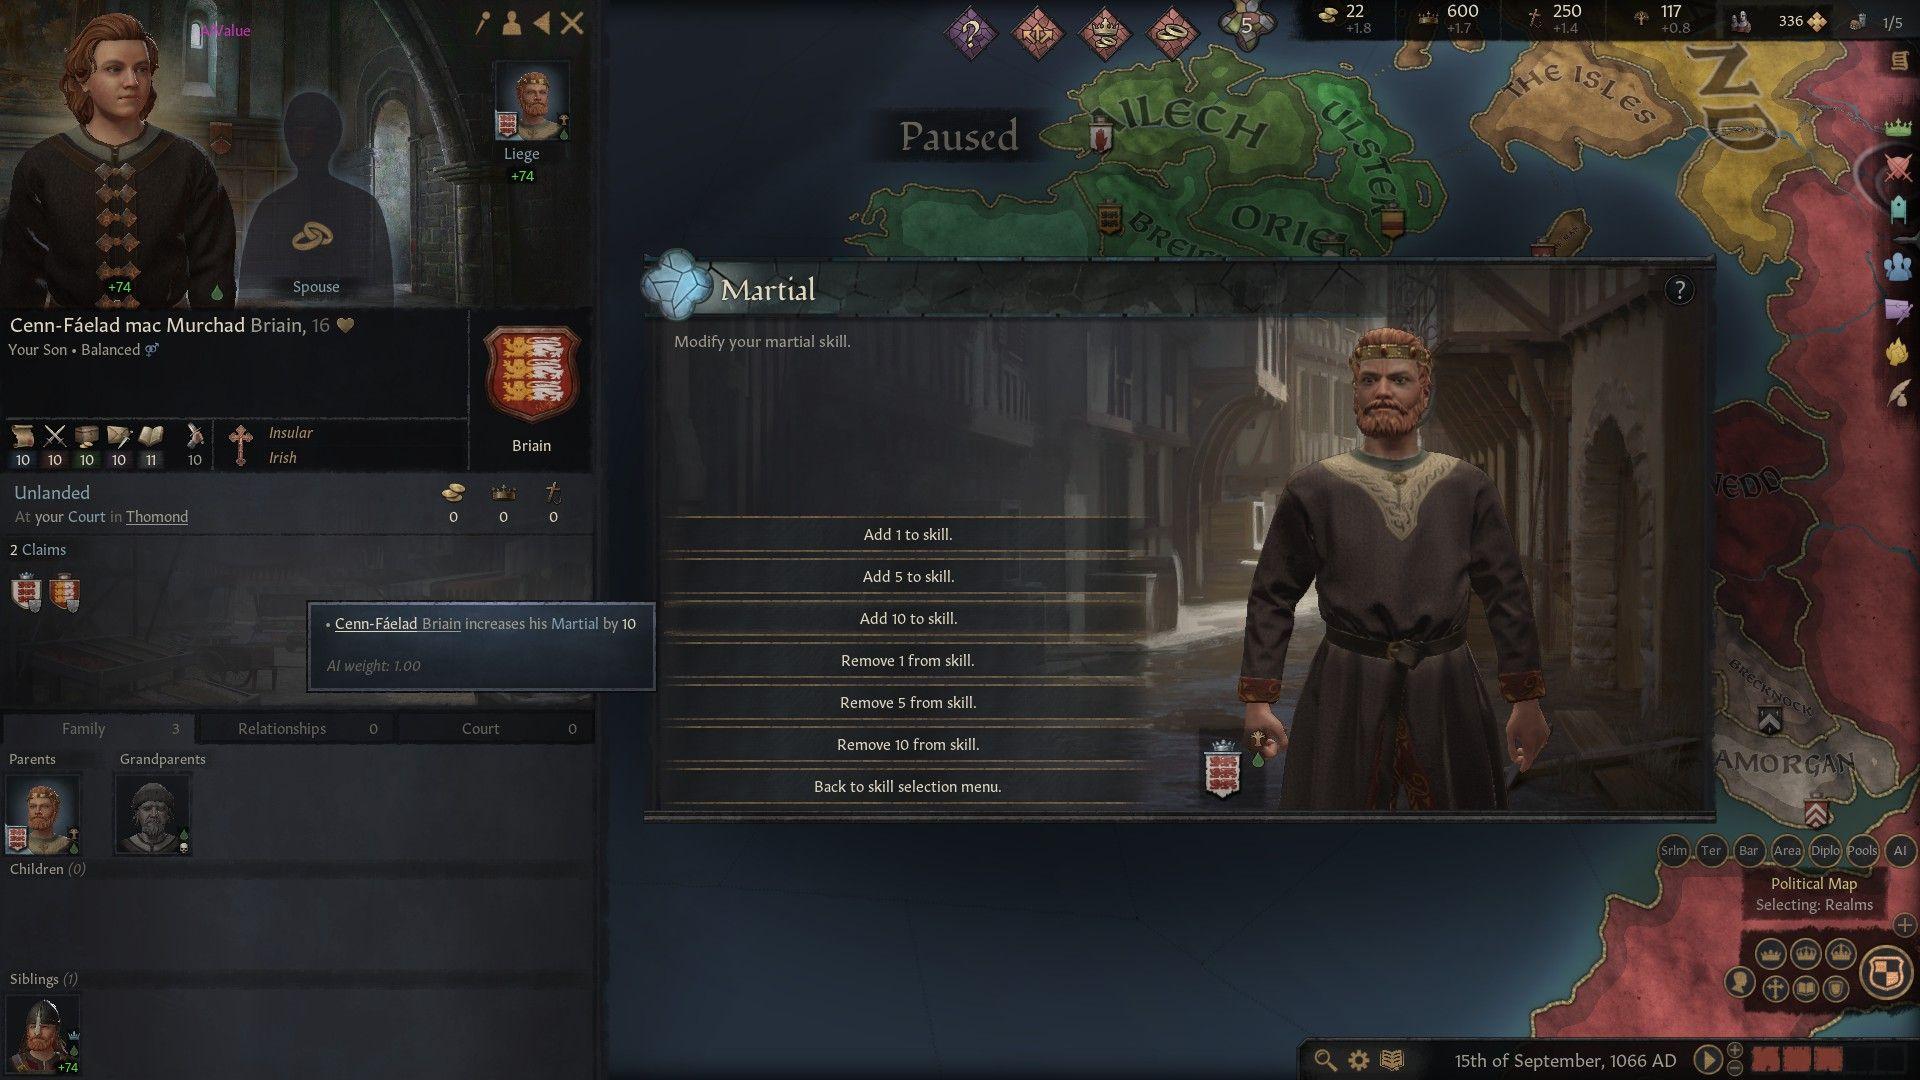 Una captura de pantalla de Crusader Kings 3, que muestra un personaje recién creado y un menú